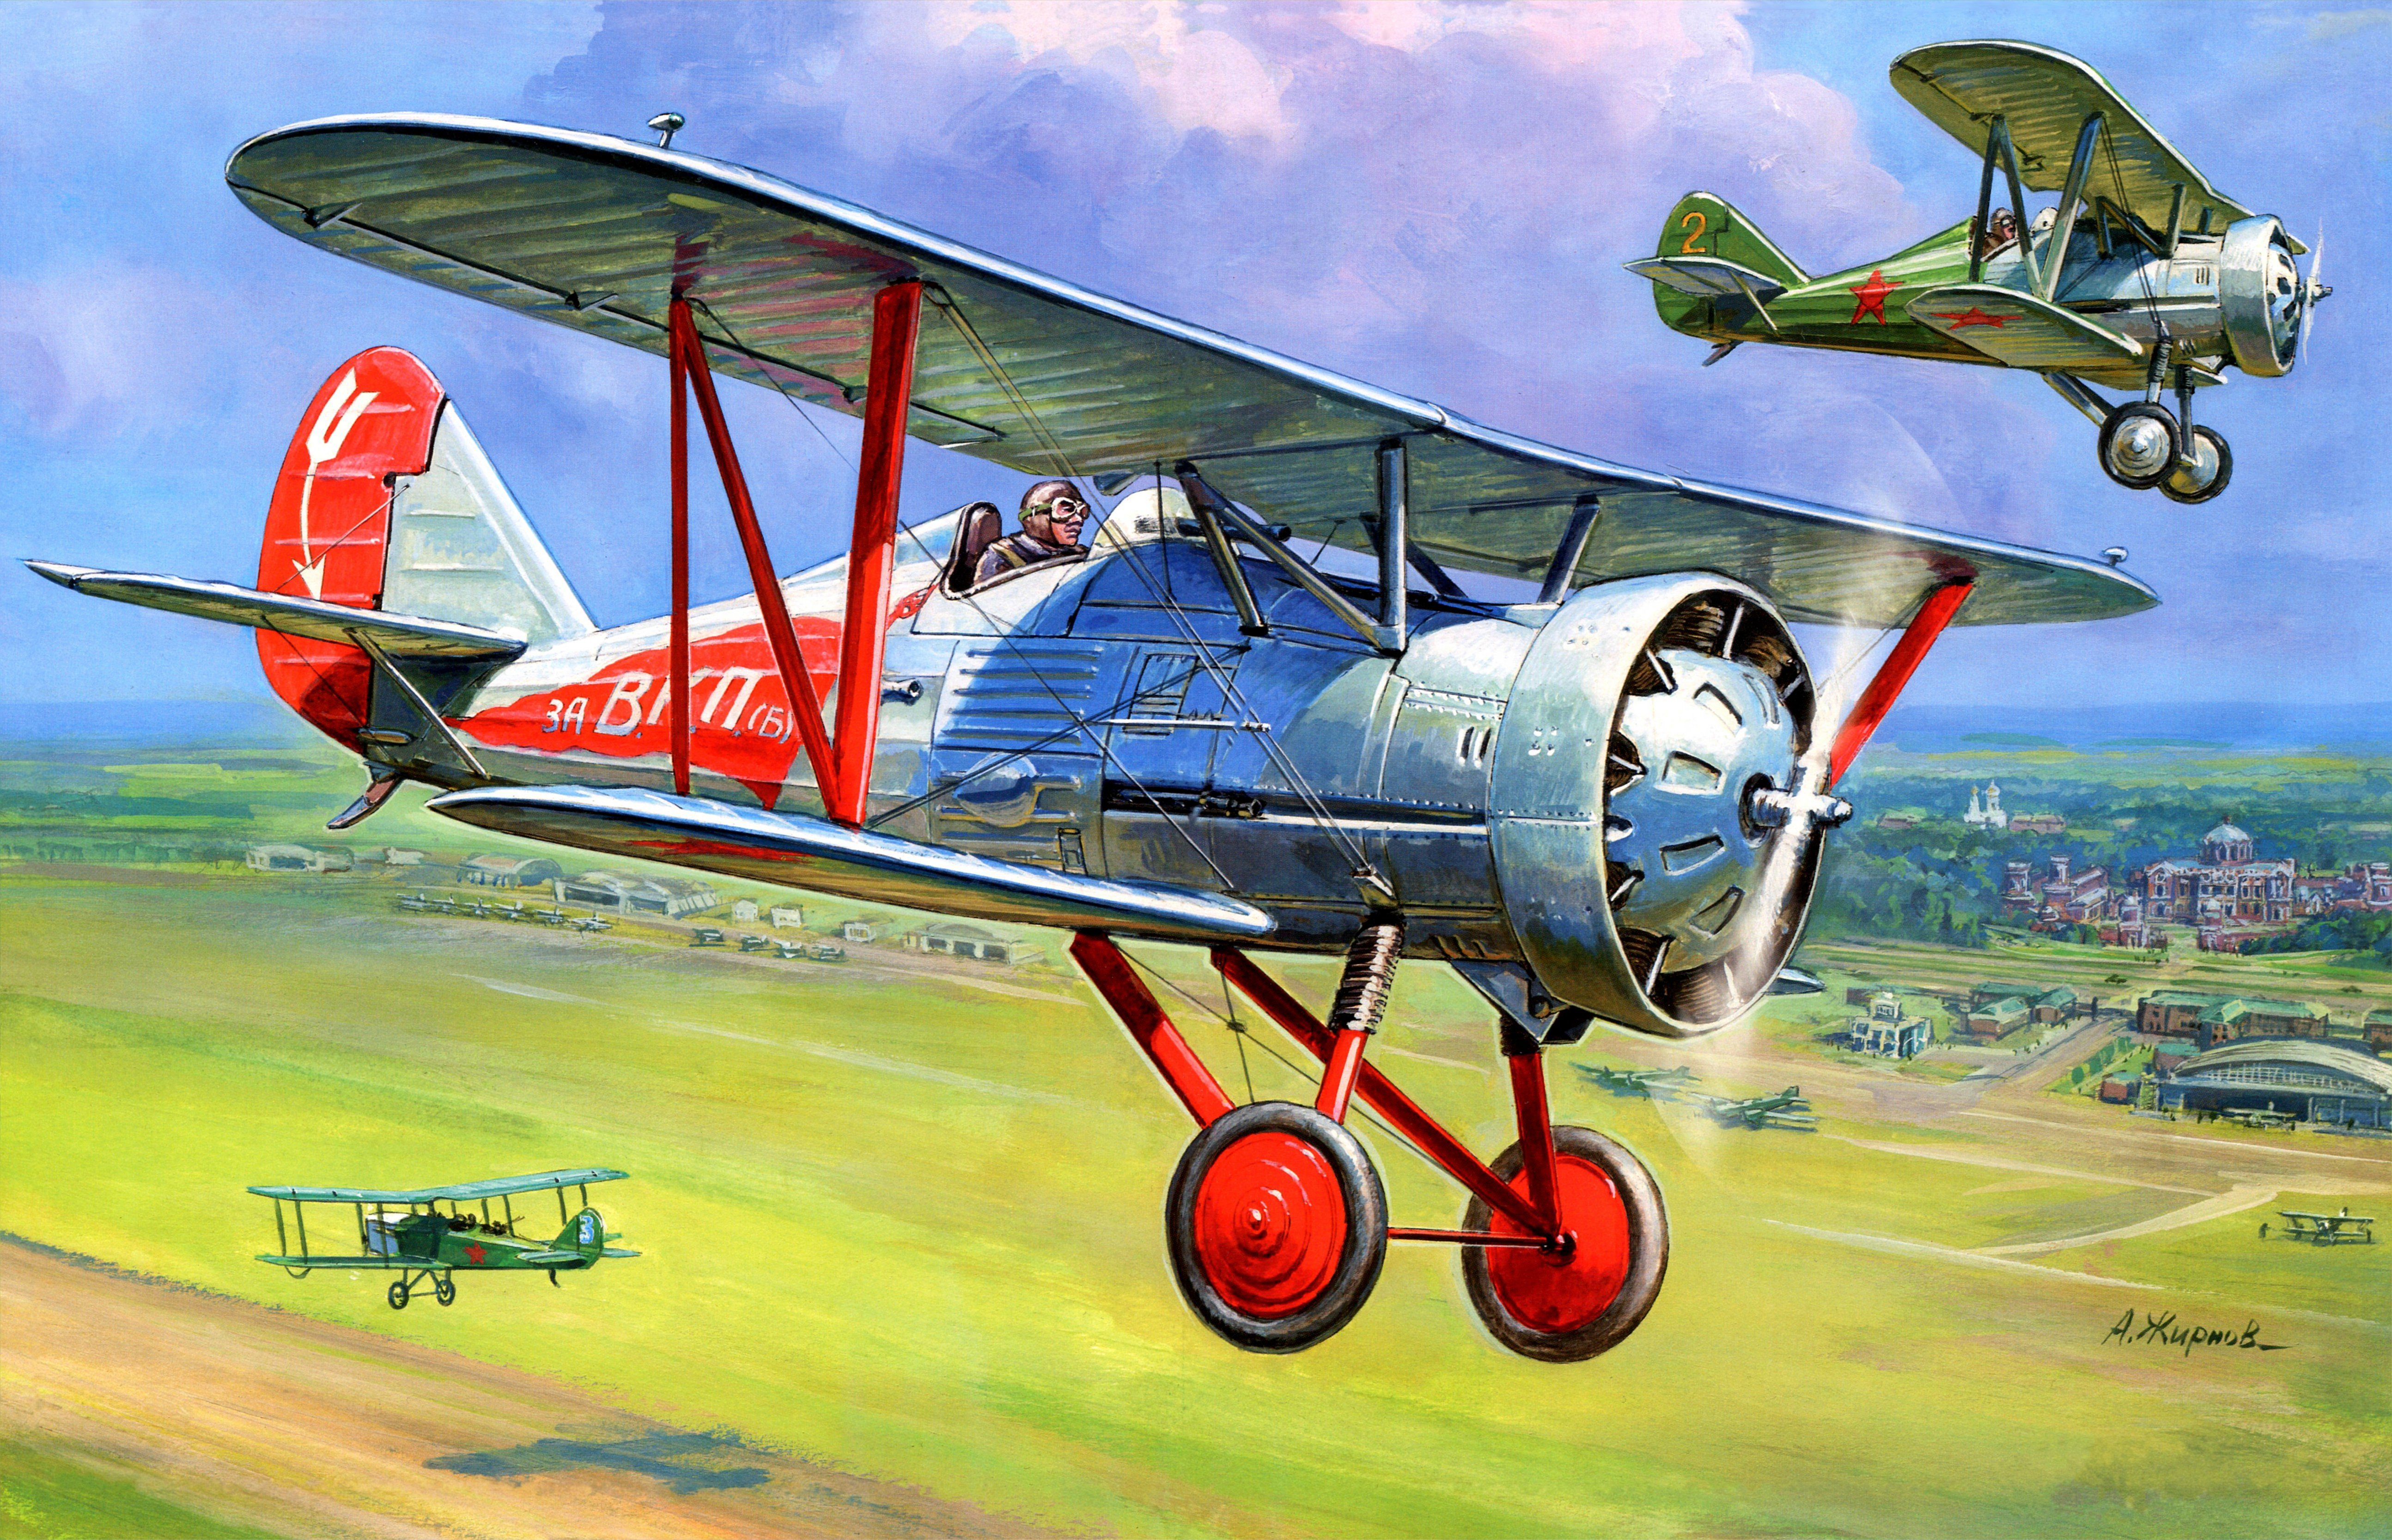 Жирнов Андрей. Истребитель И-5.